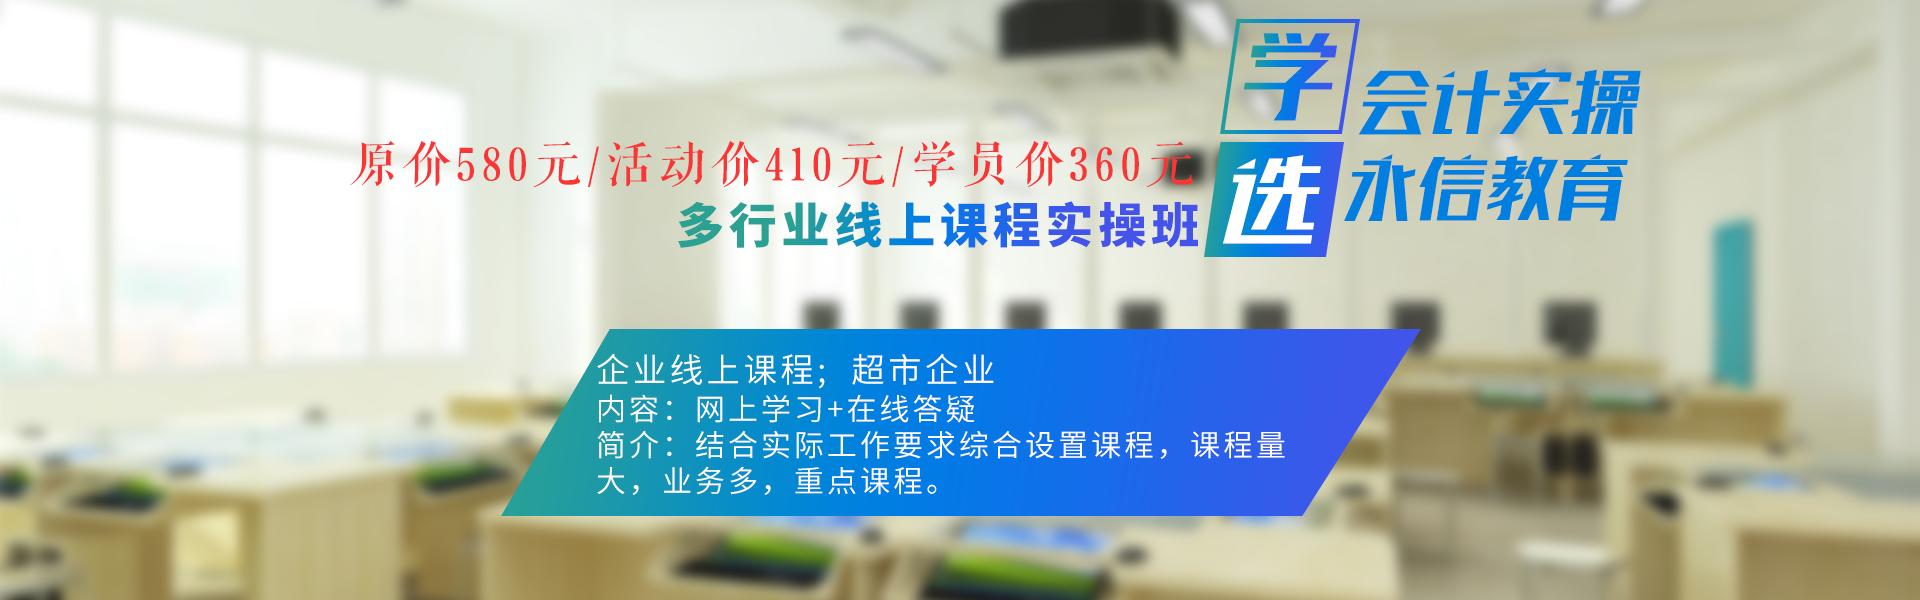 内页banner超市企业.png